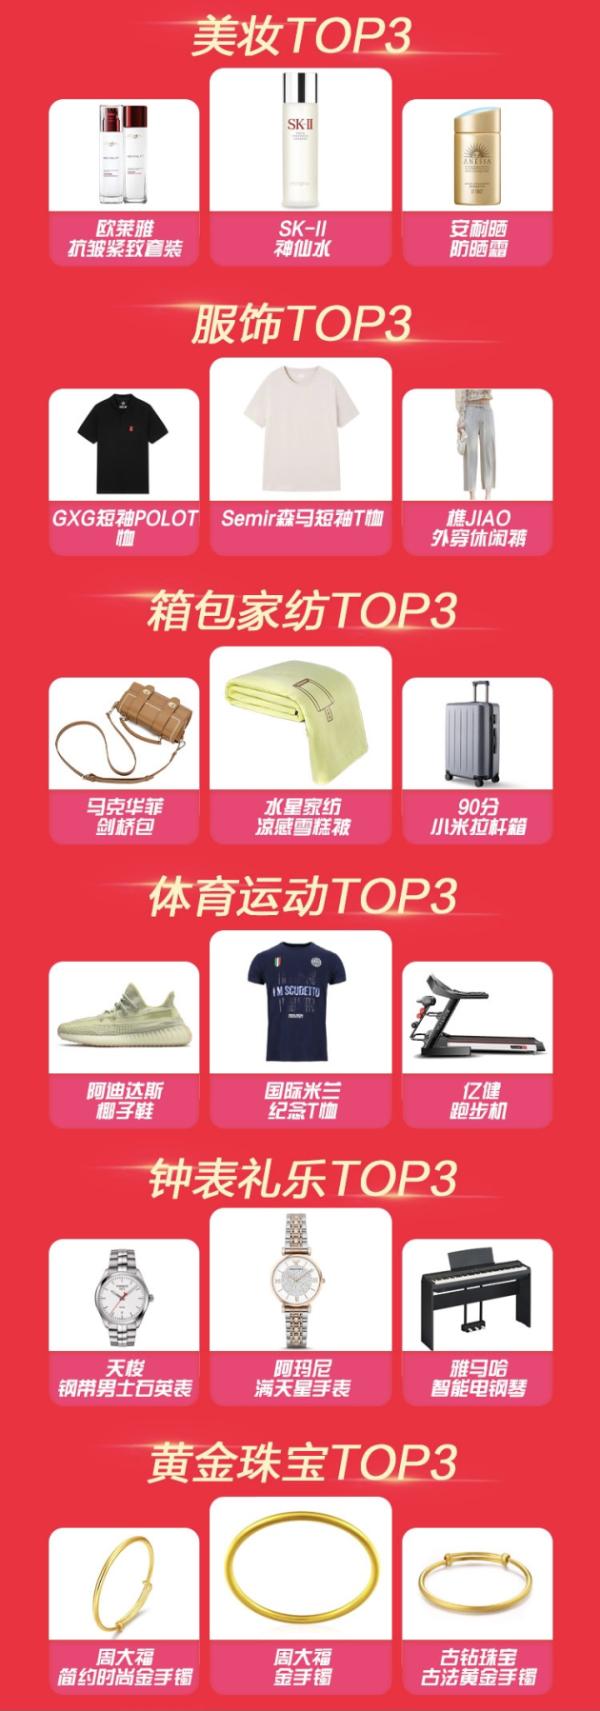 """苏宁时尚百货618全程战报有点""""猛"""",苏宁奥莱呈爆发式增长"""